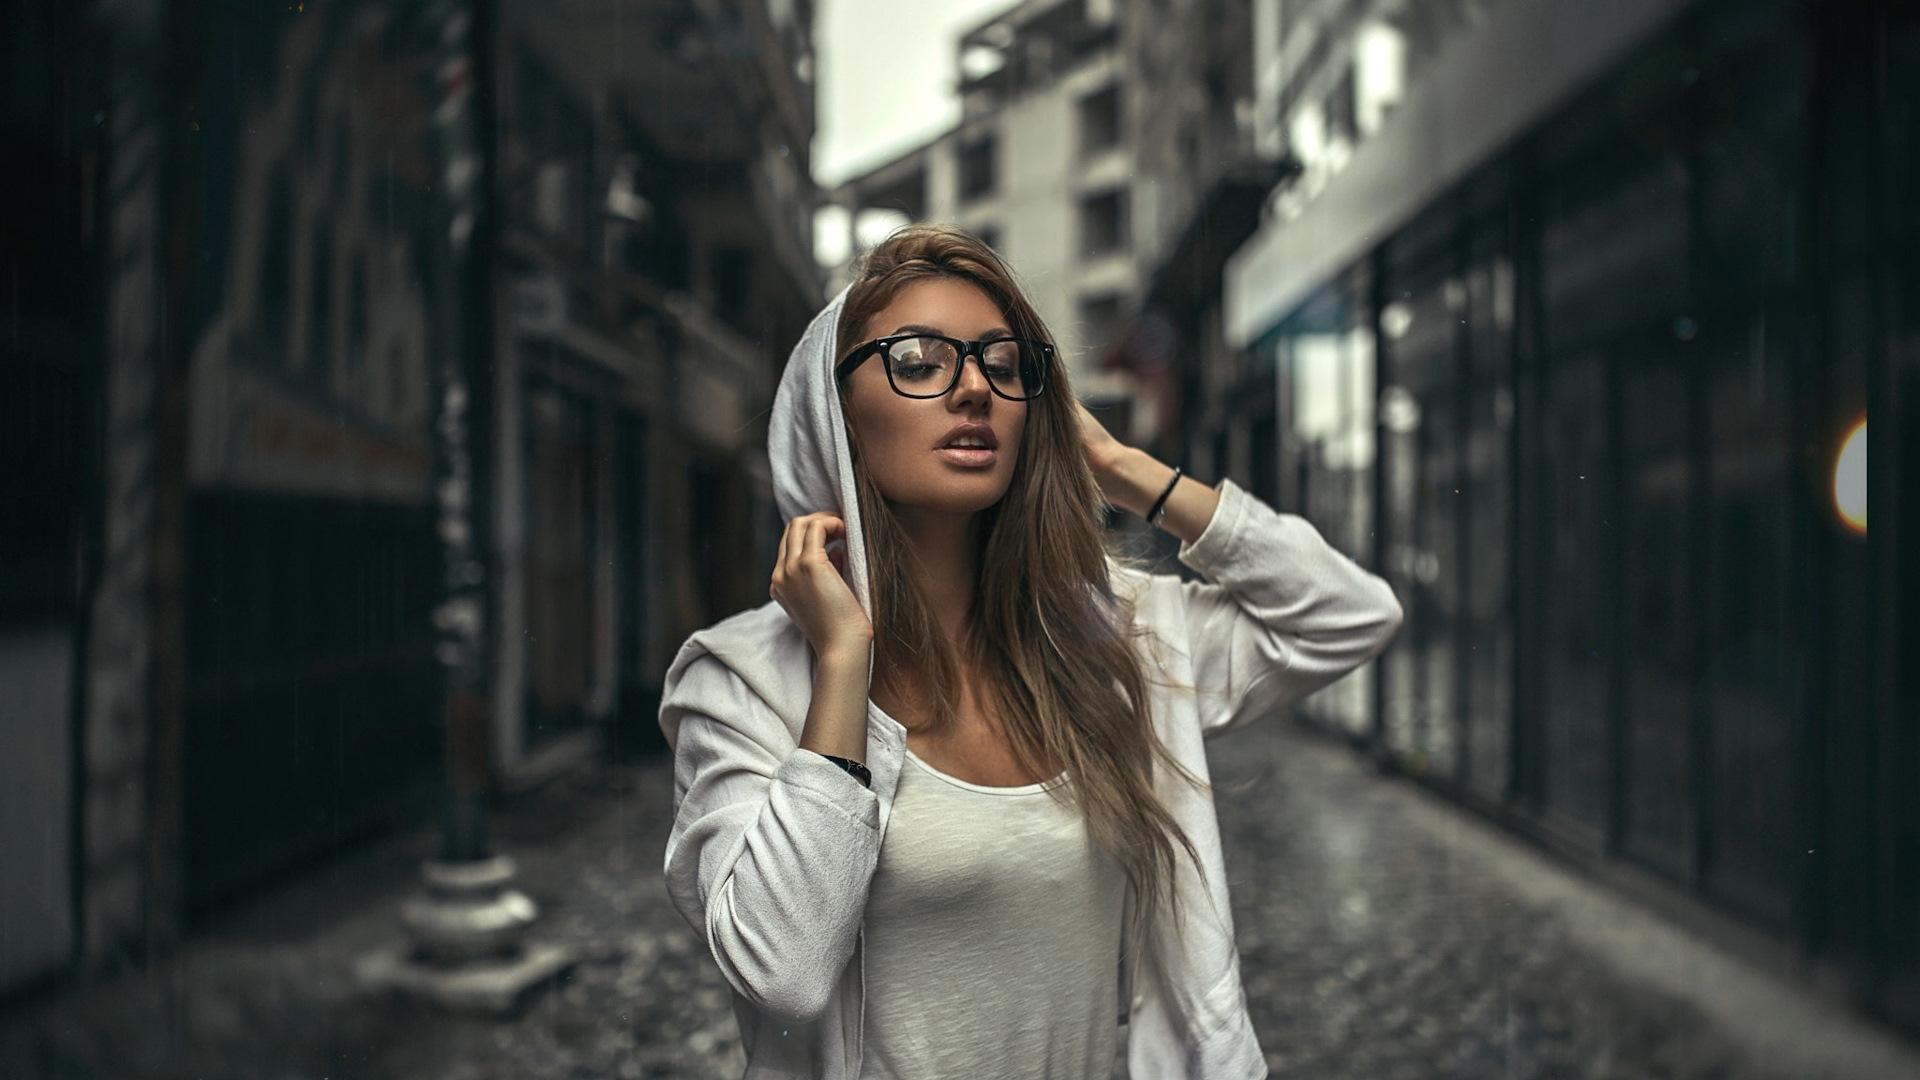 Правда что девушки в очках очень сексуальны